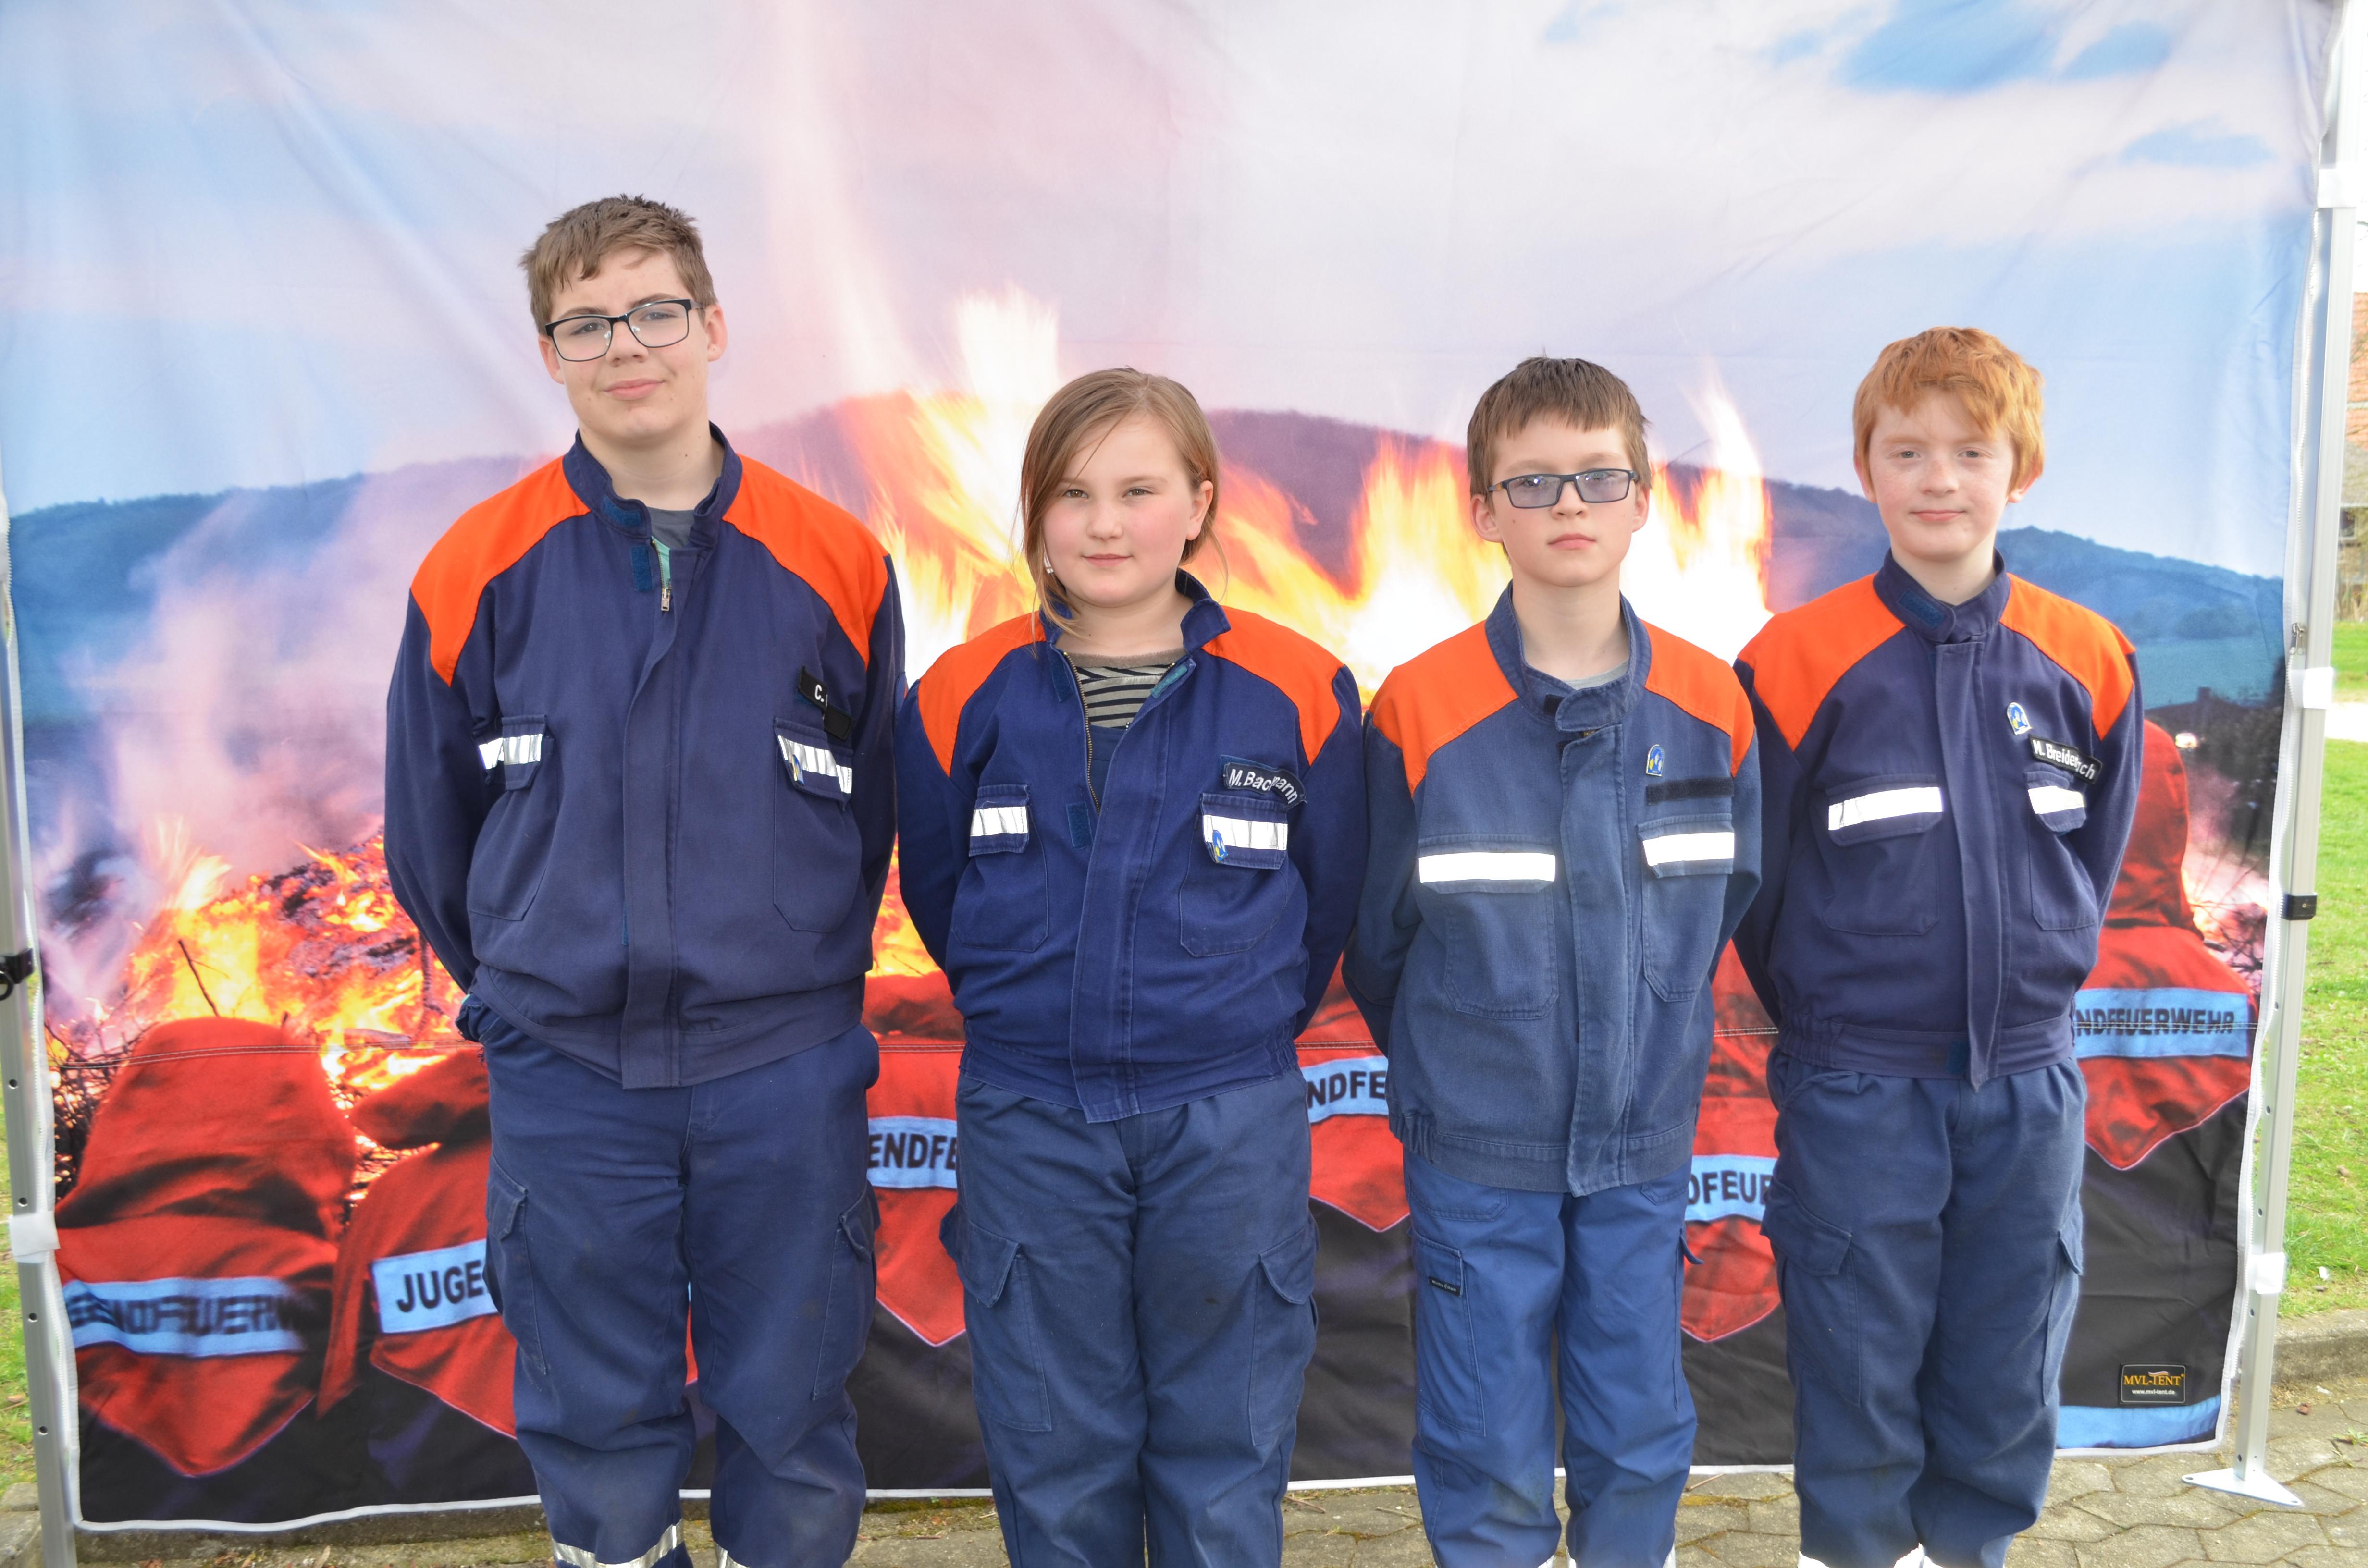 4 erfolgreiche Teilnehmer/innen bei der Jugendflamme Stufe 1